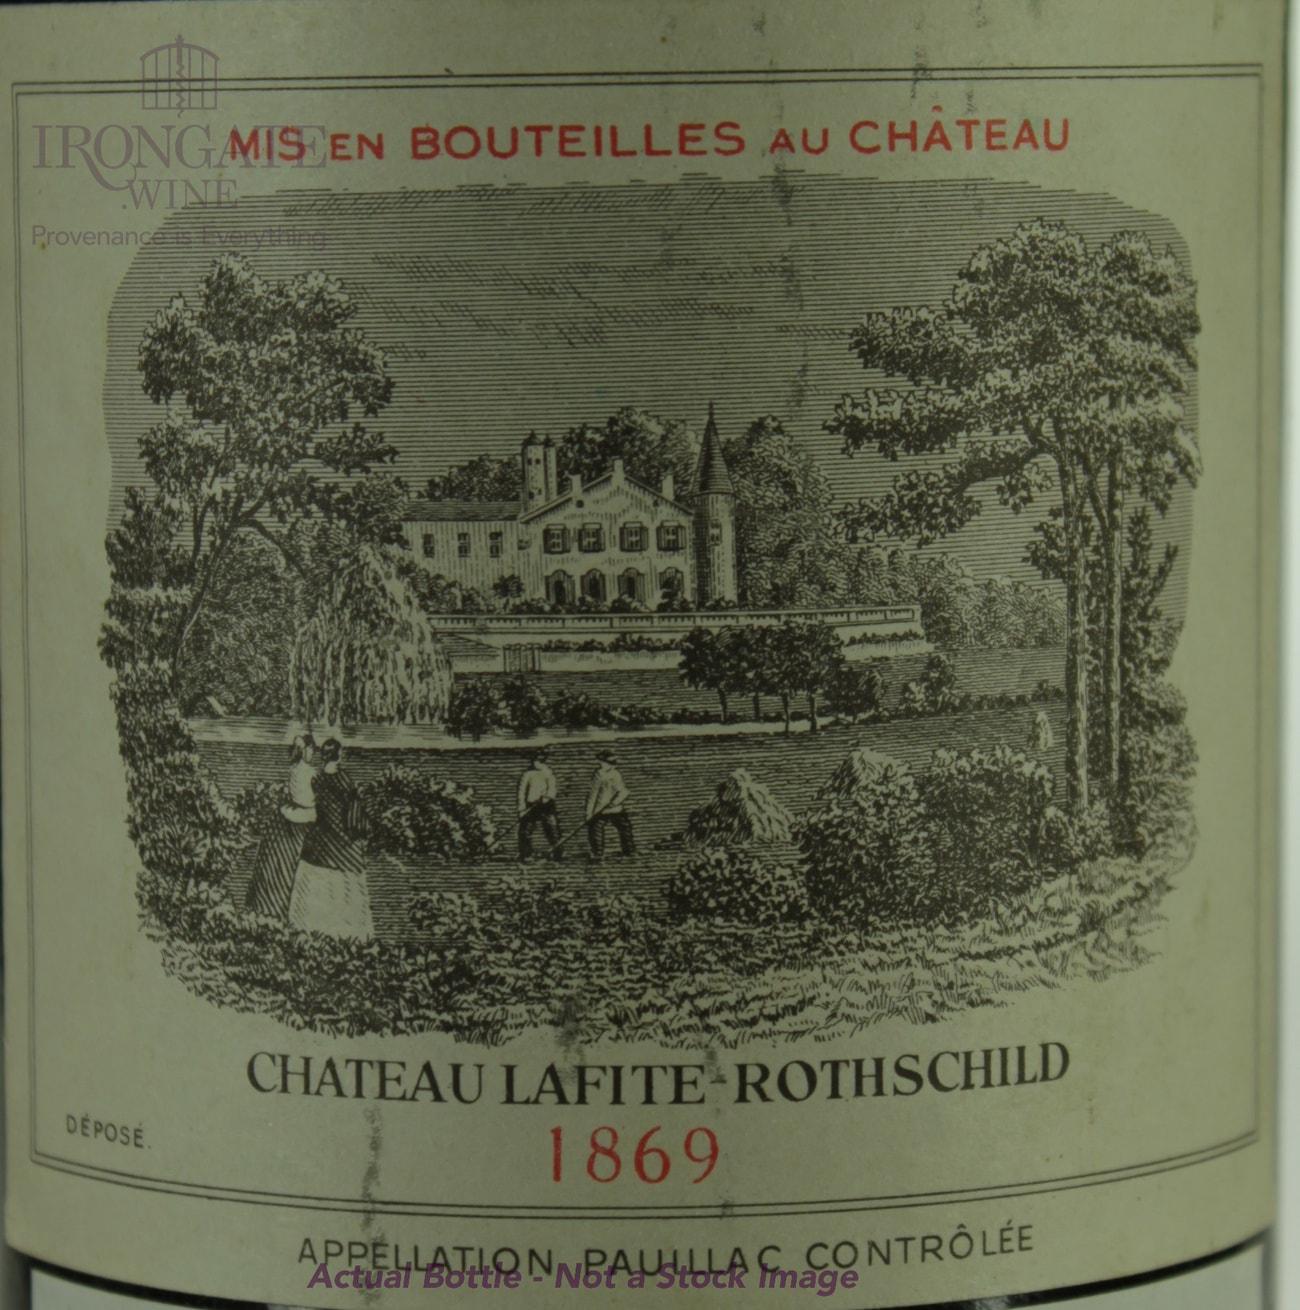 היין היקר בעולם